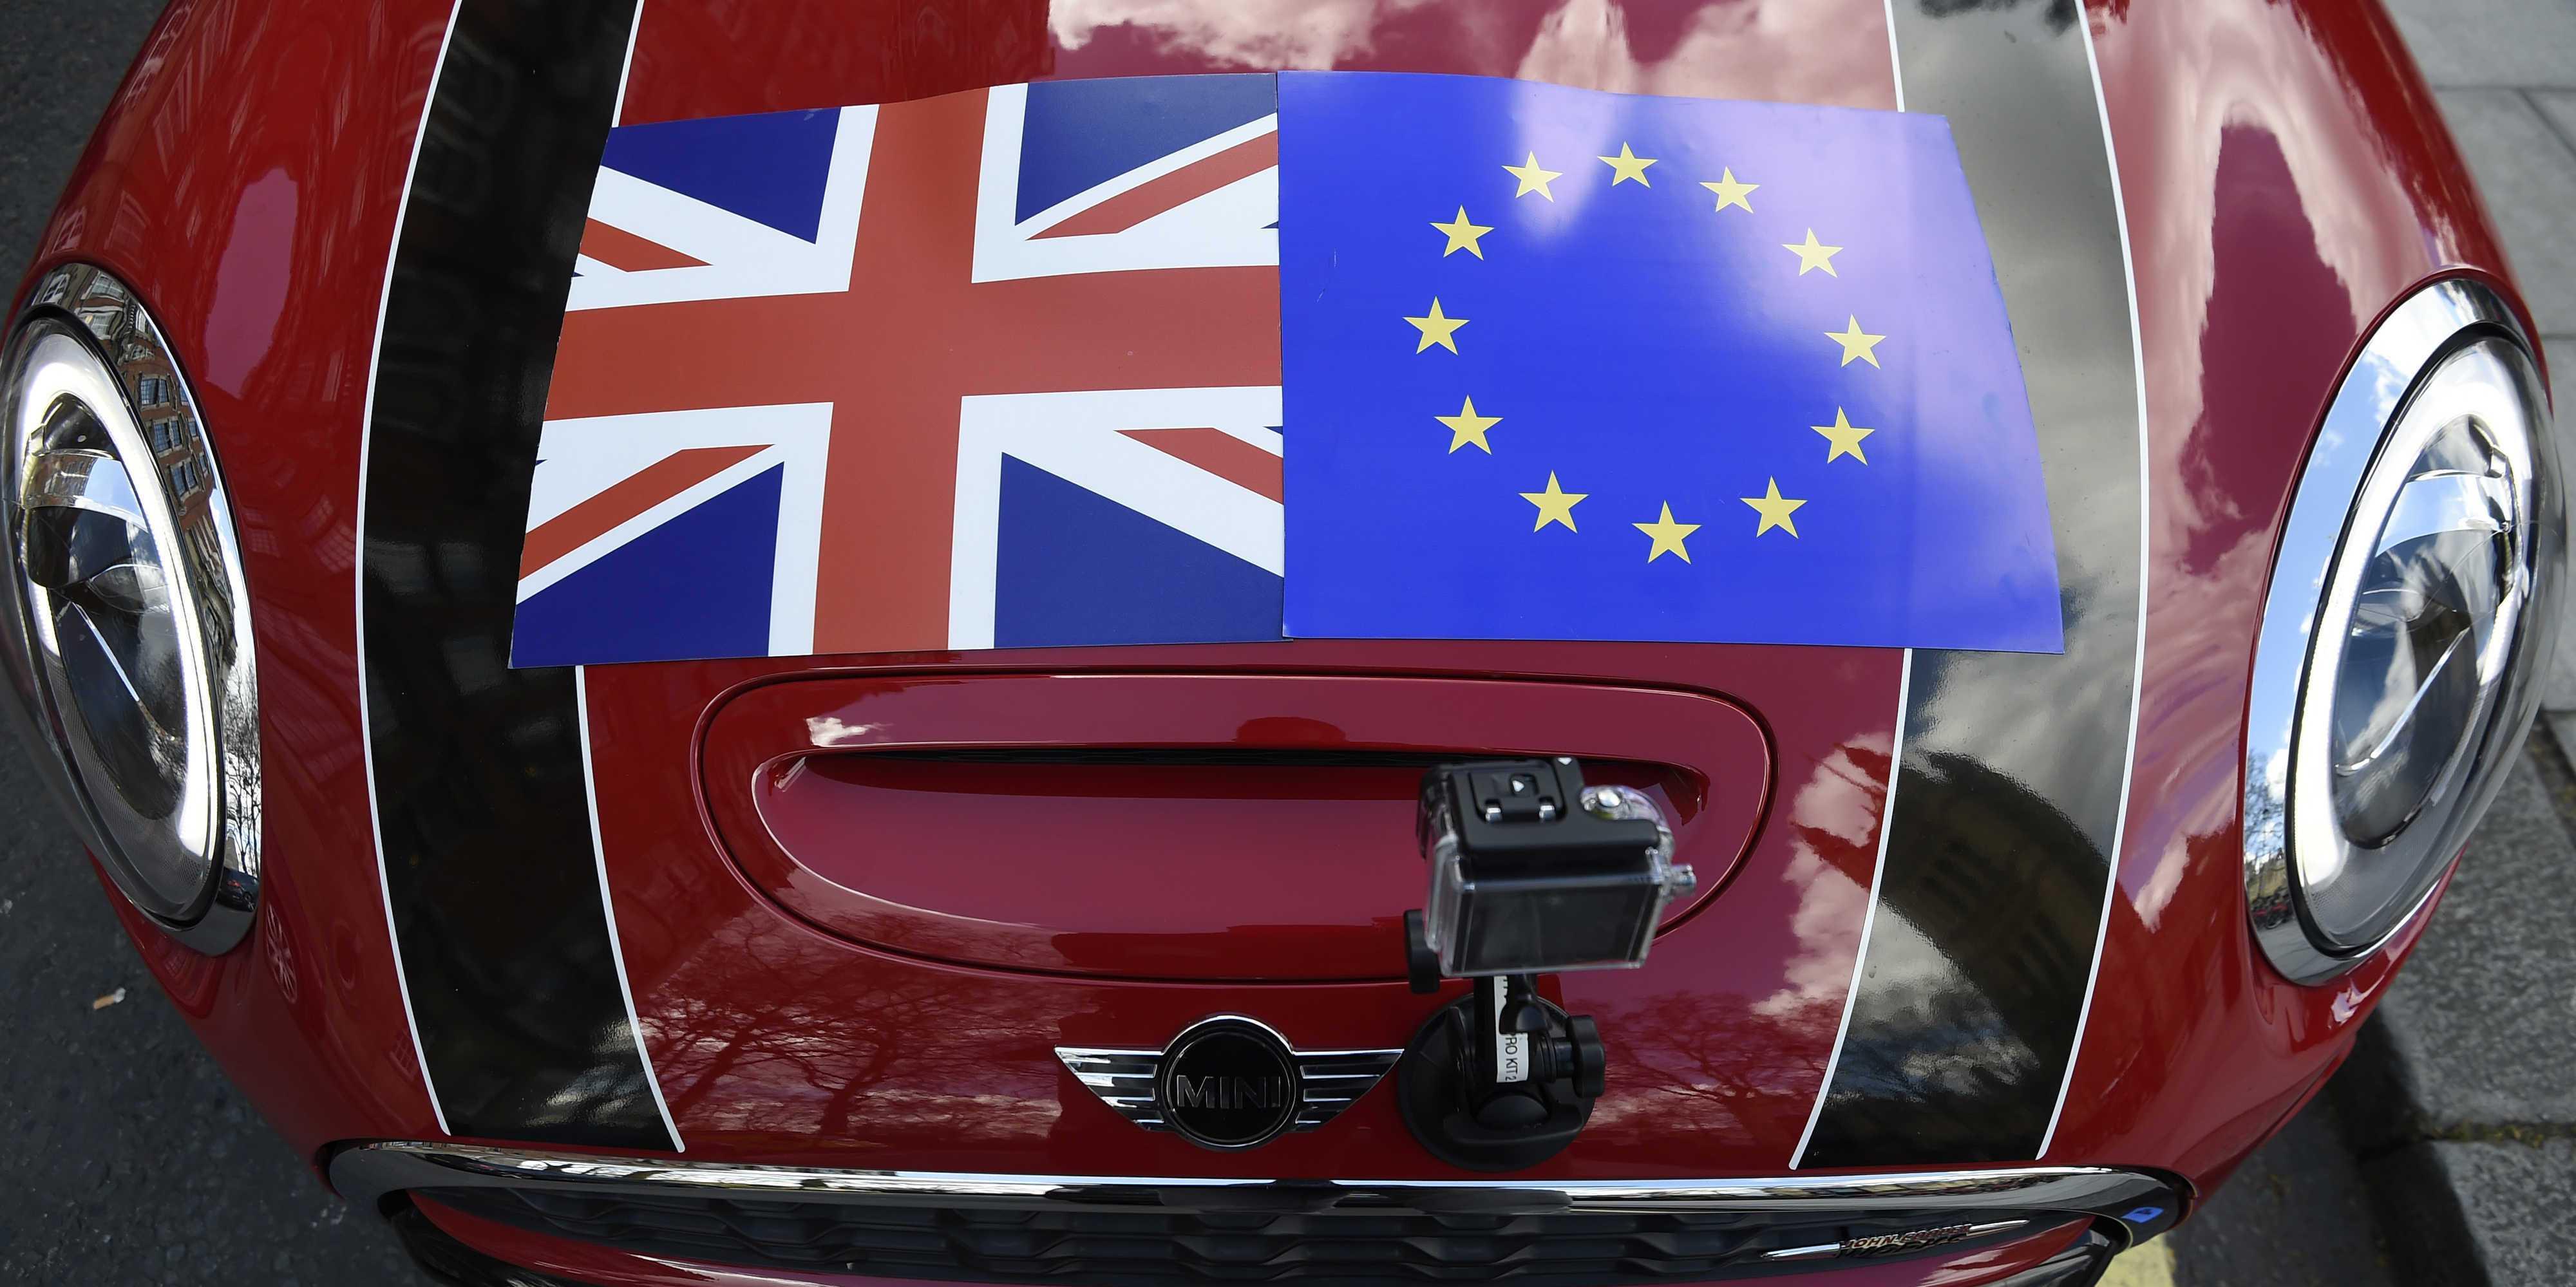 英脱欧影响投资决策 多家车企呼吁披露更多条款